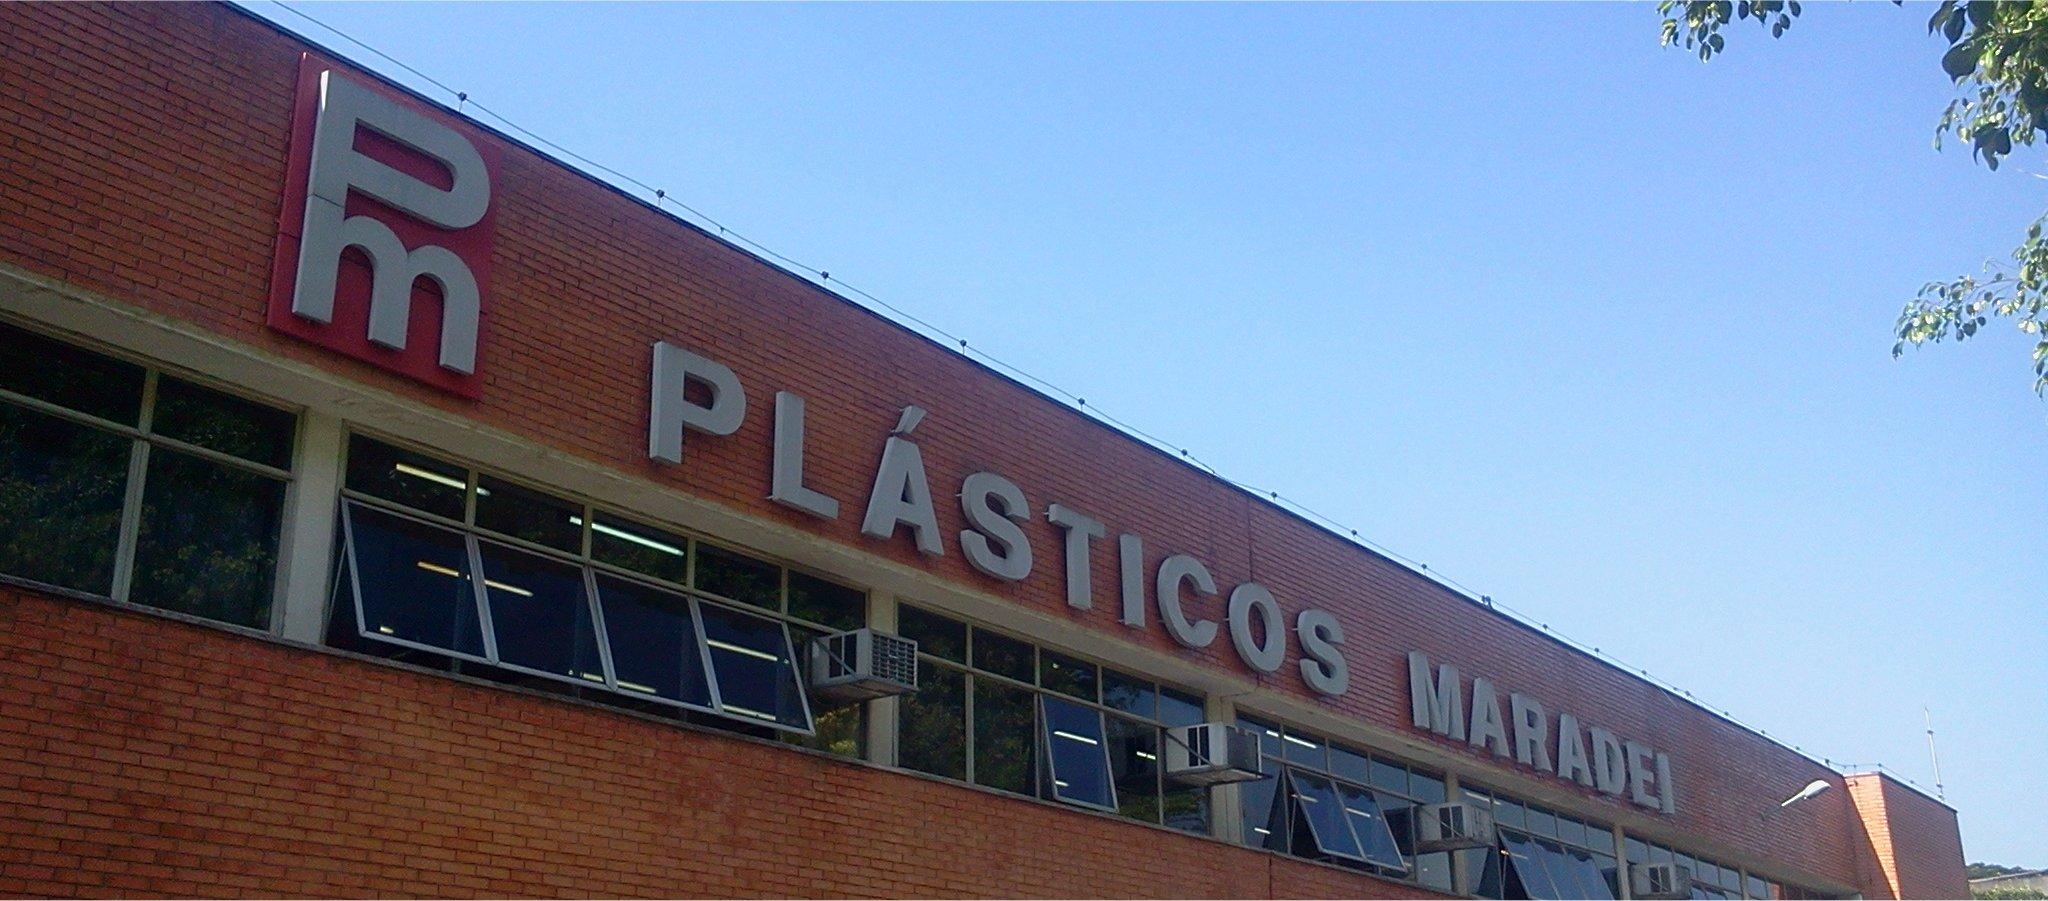 Plásticos Maradei